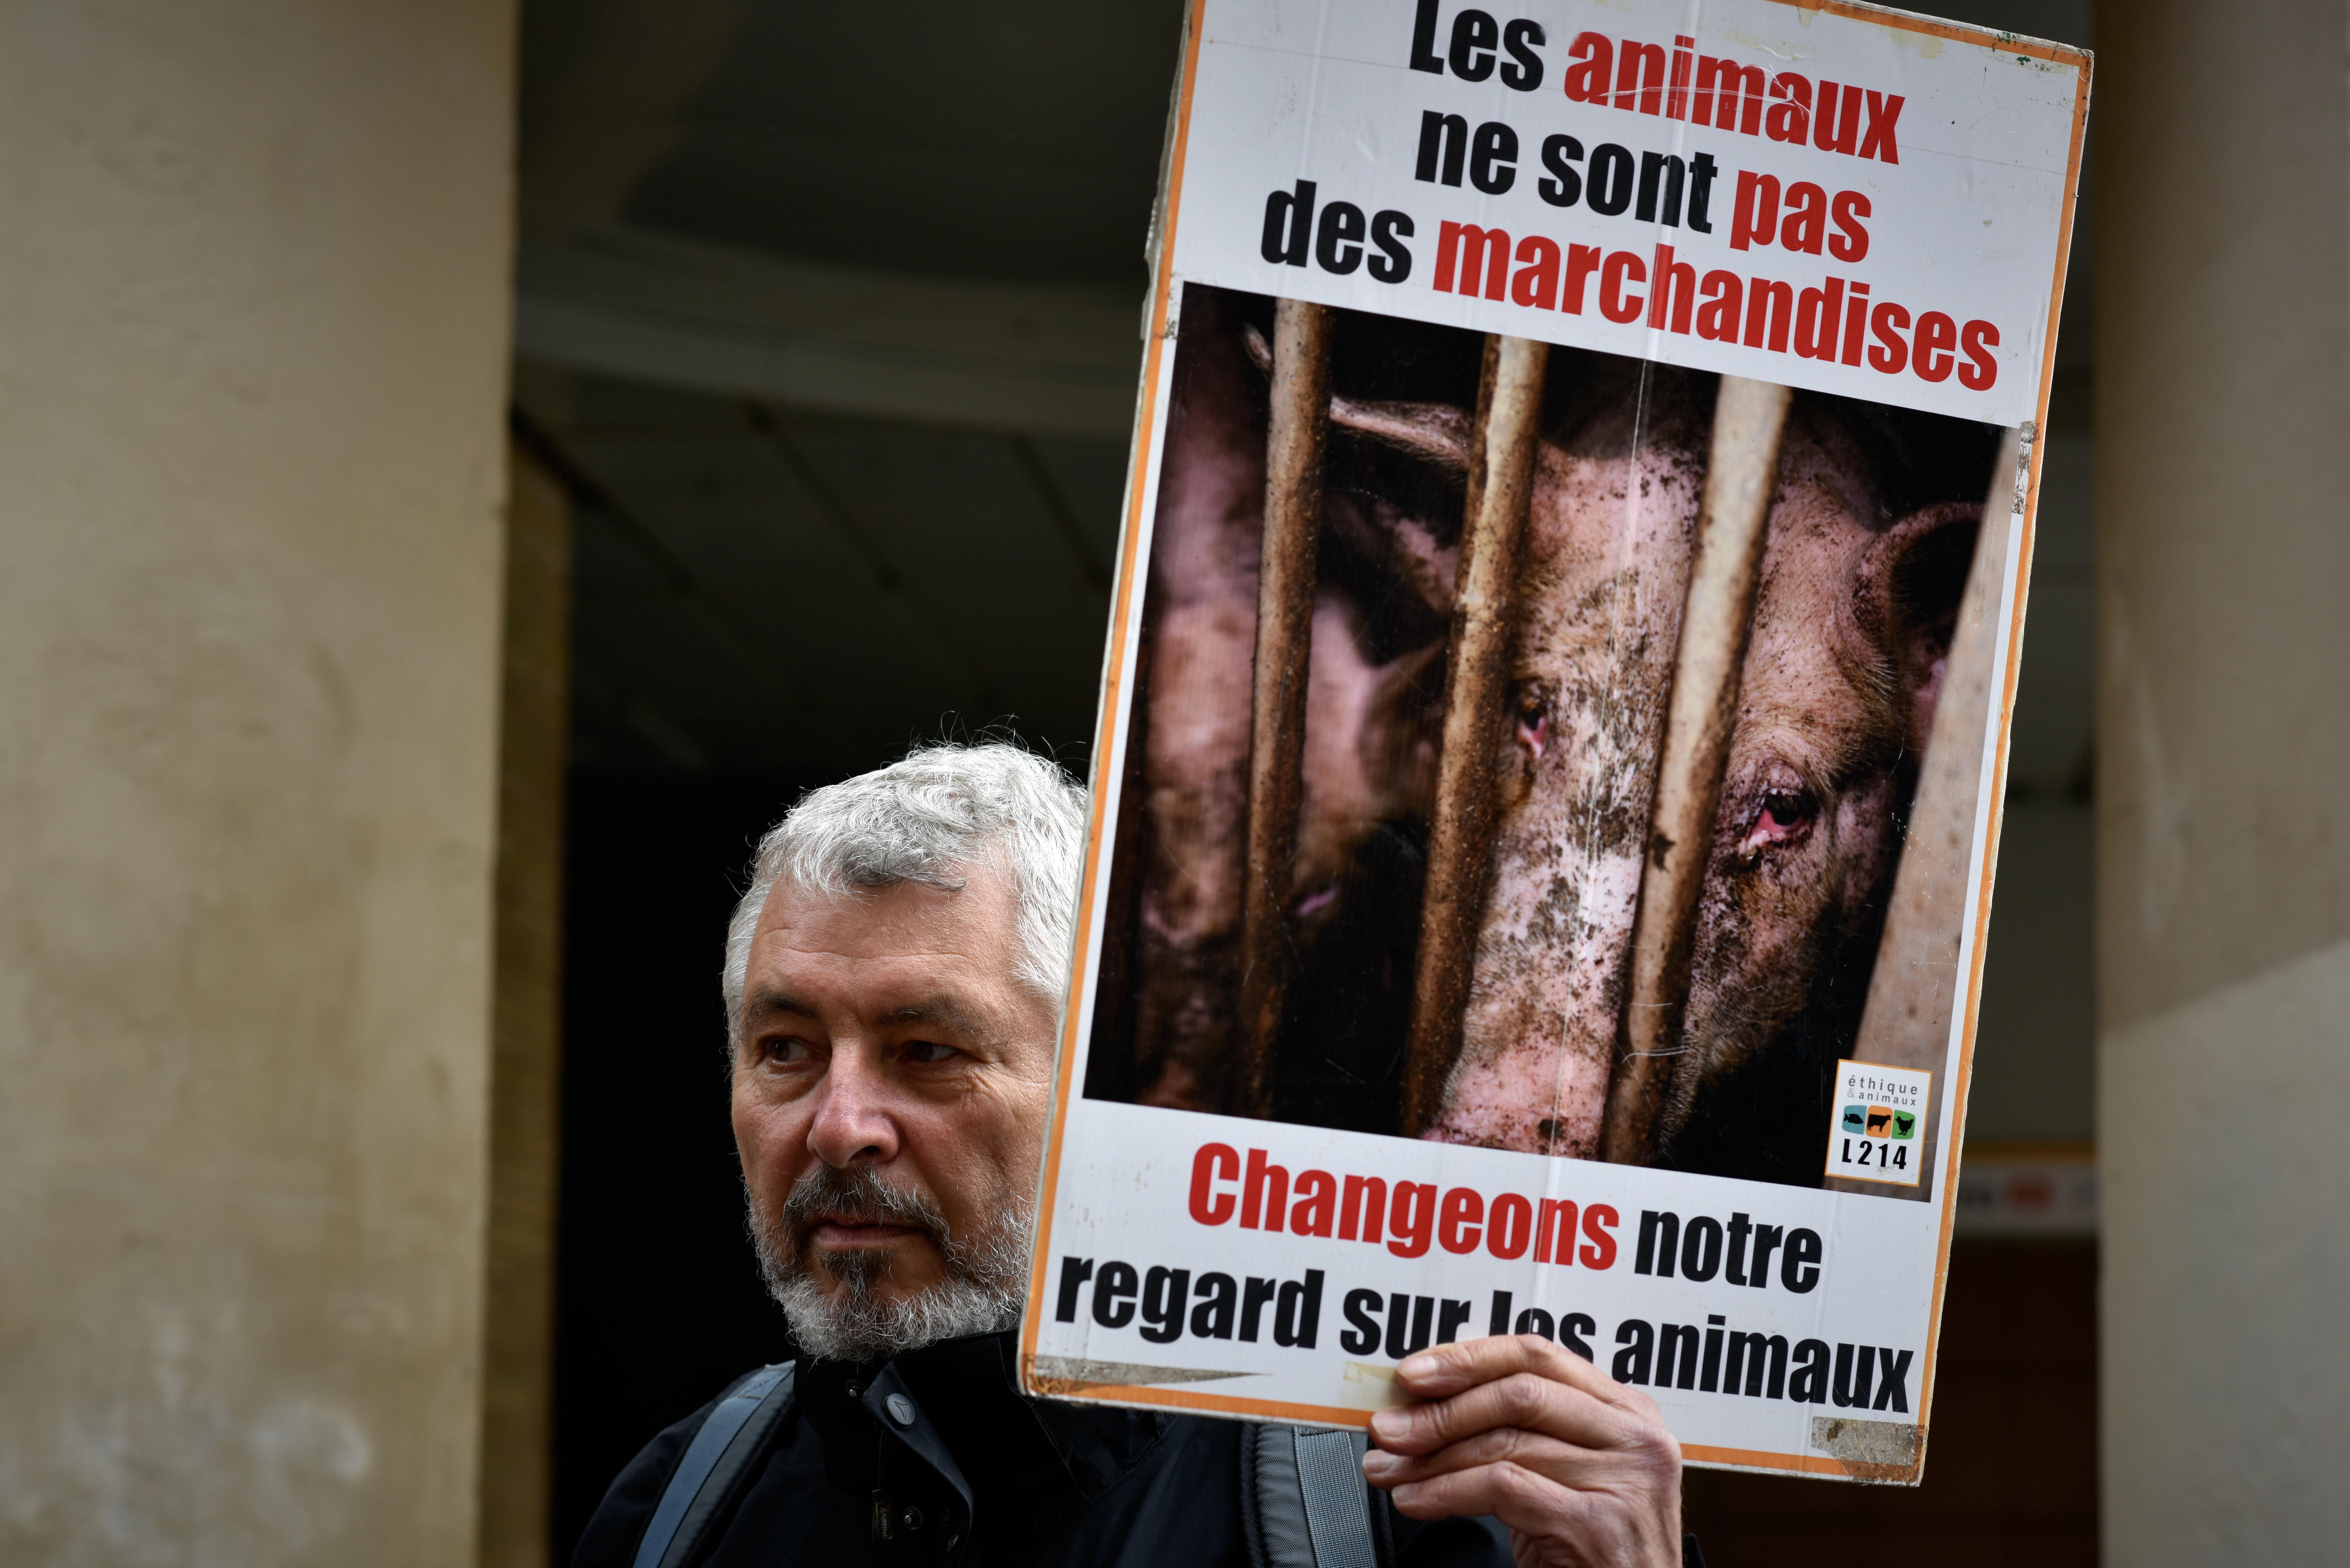 Την προστασία της αστυνομίας απέναντι στις επιθέσεις βίγκαν ζητούν οι κρεοπώλες στη Γαλλία